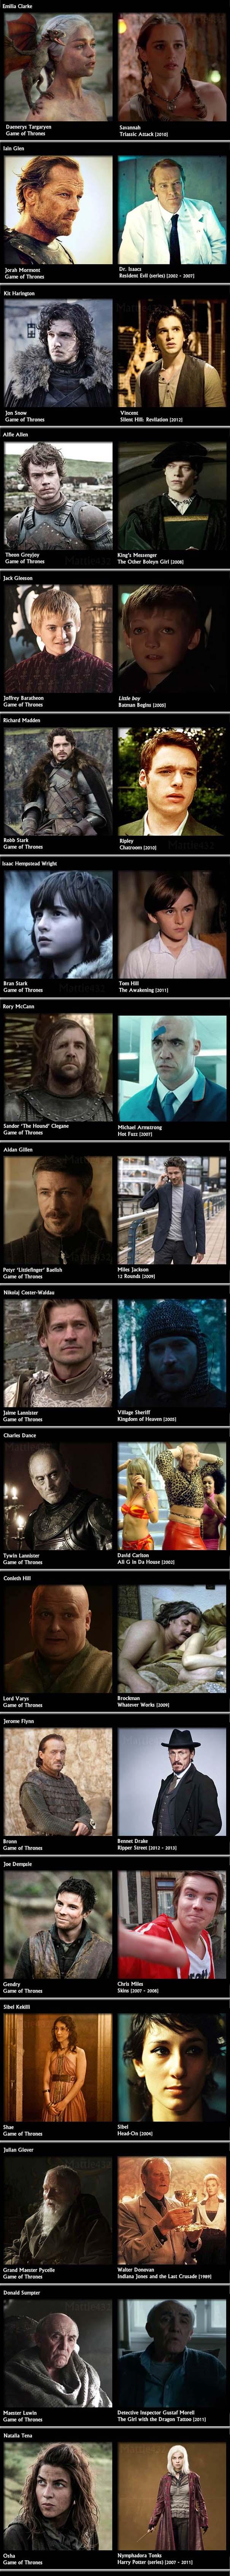 Οι ηθοποιοί του Game Of Thrones σε προηγούμενους ρόλους (3)